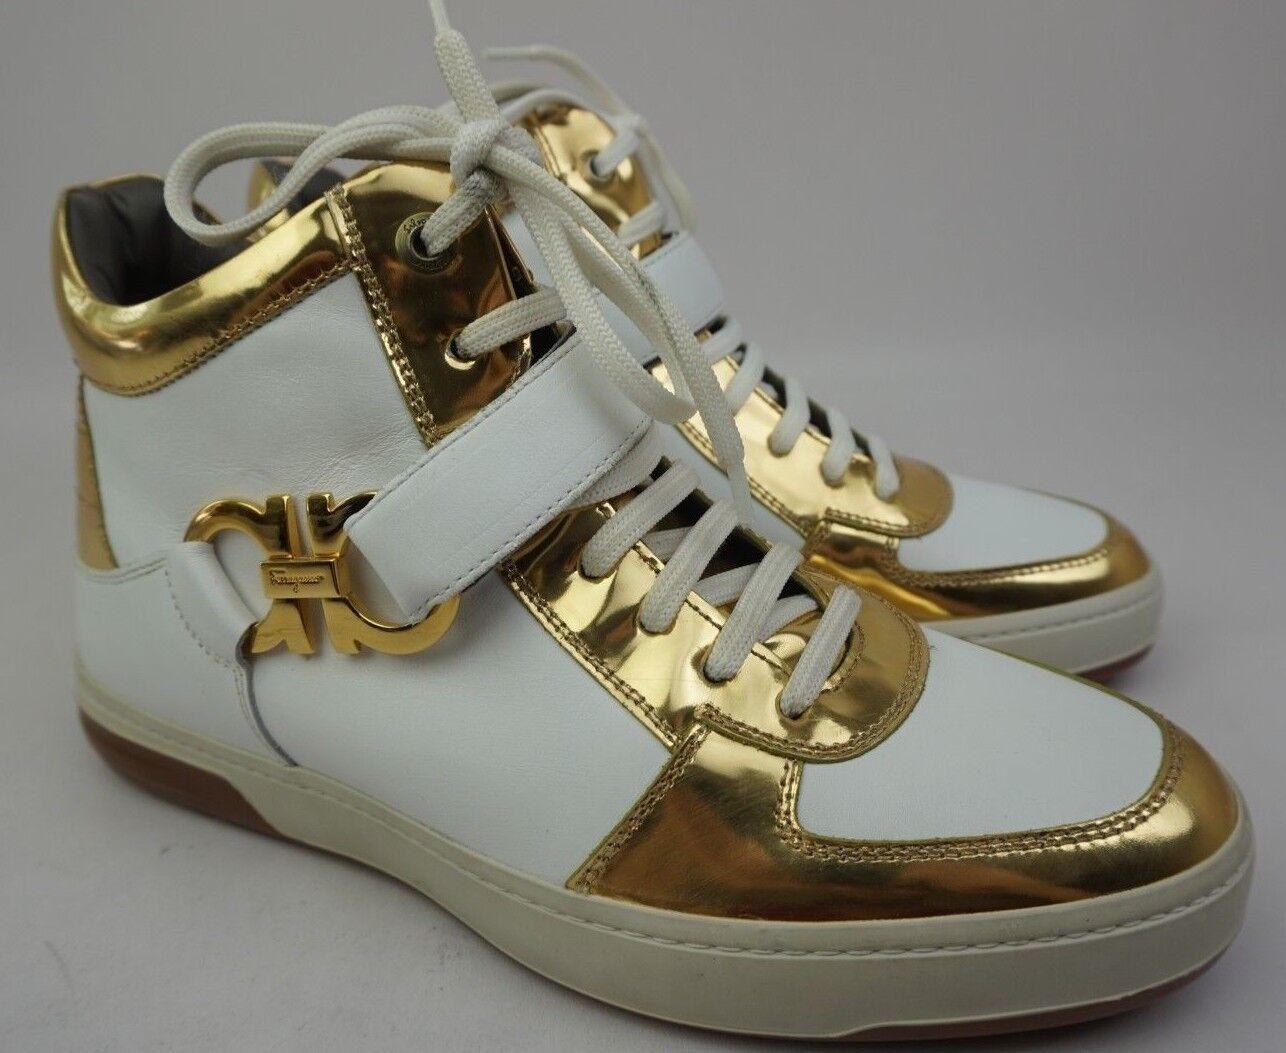 Salvatore Ferragamo Nayon Gold Weißes Leder Hohe Reißverschluss Turnschuhe Größe